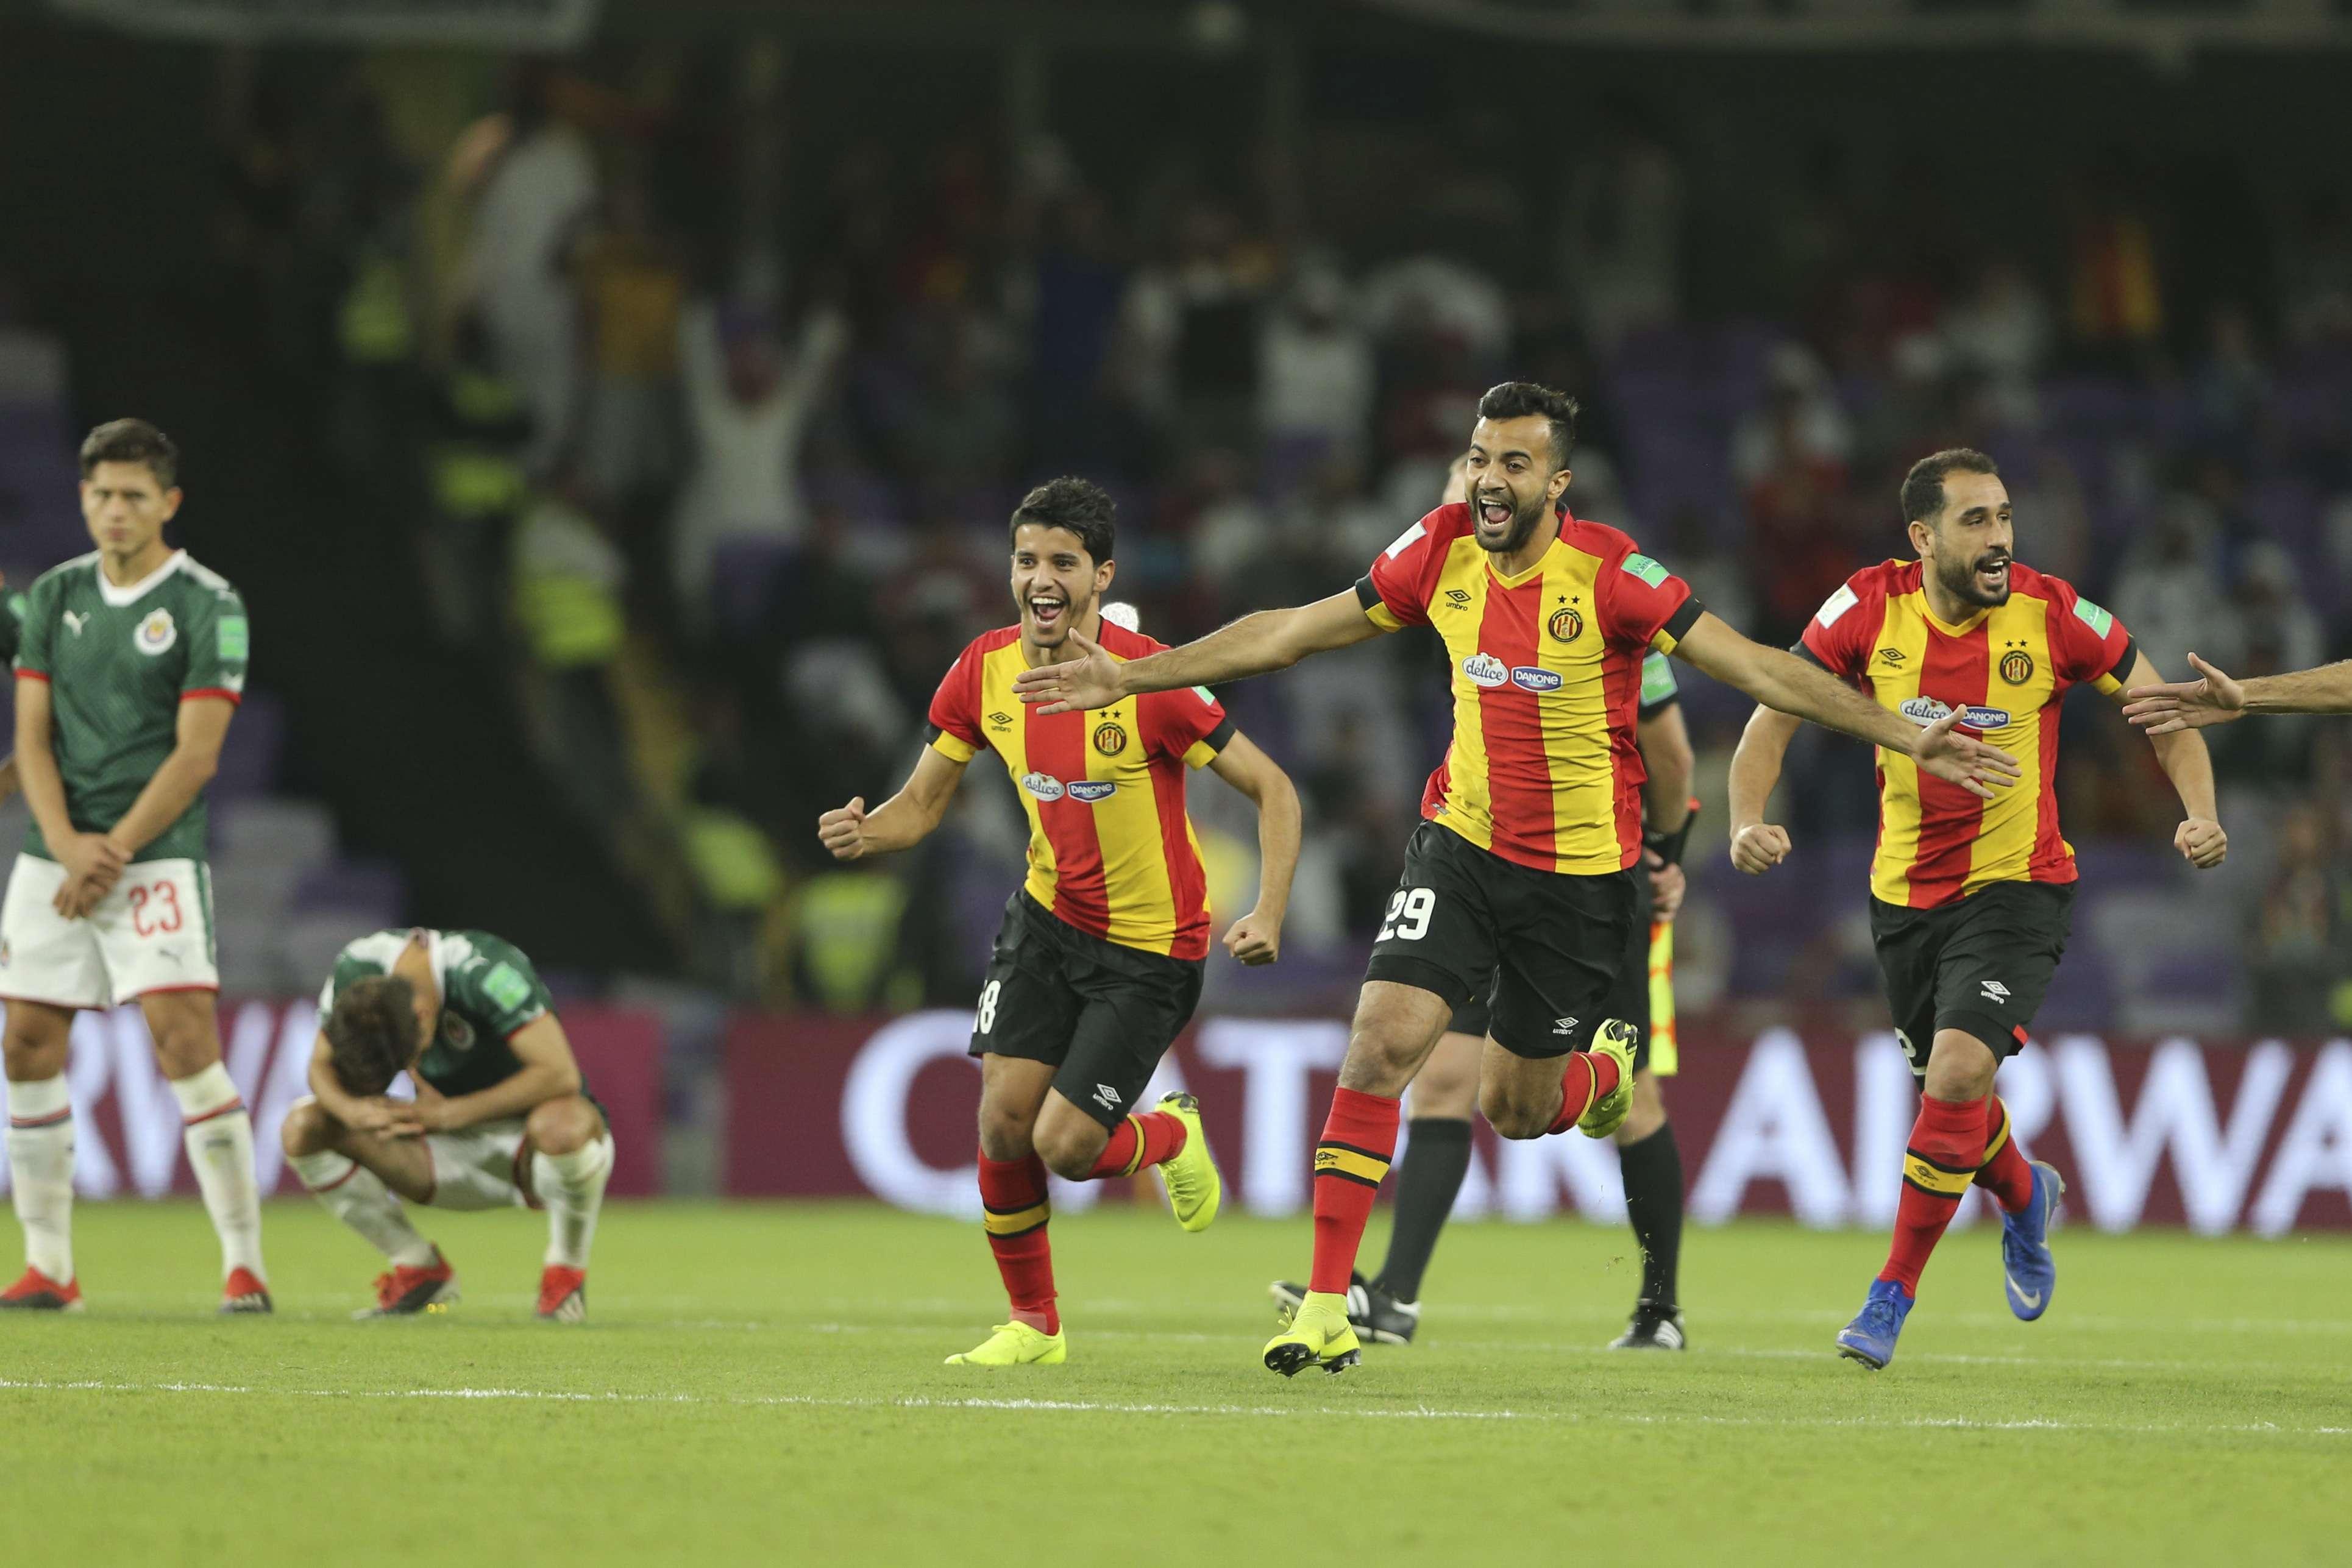 L'équipe de l'Espérance Tunis face au club de Guadalajara le 18 décembre 2018.